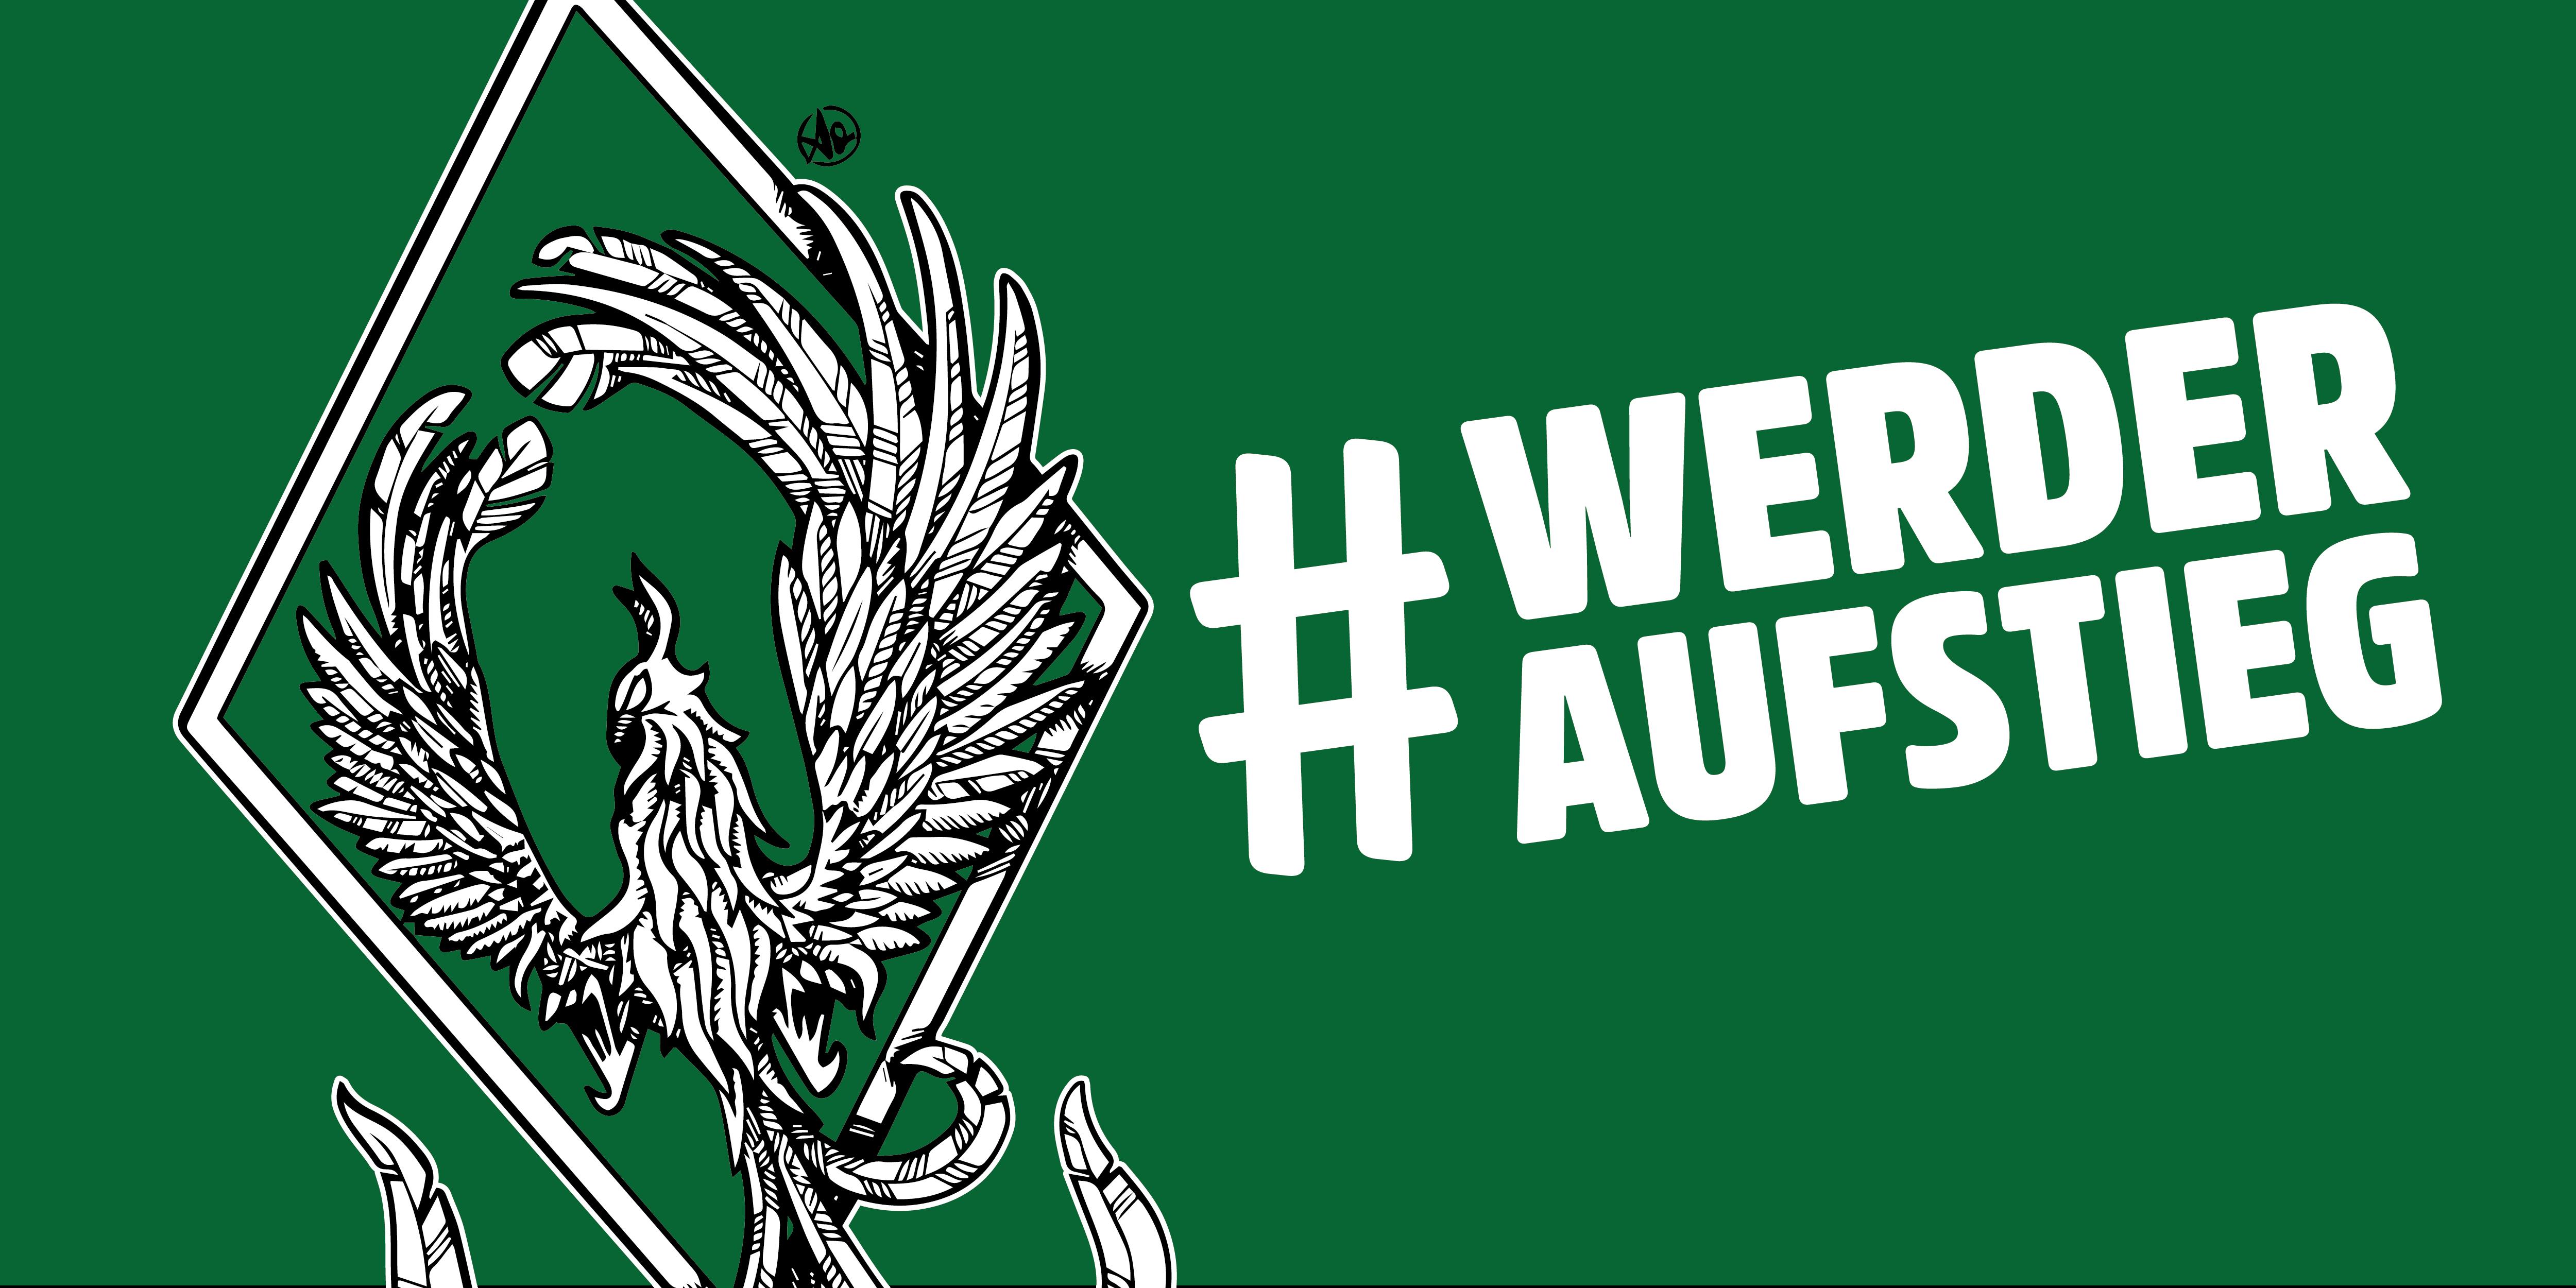 Werder Bremen Phönix Grafik für den direkten #werderaufstieg